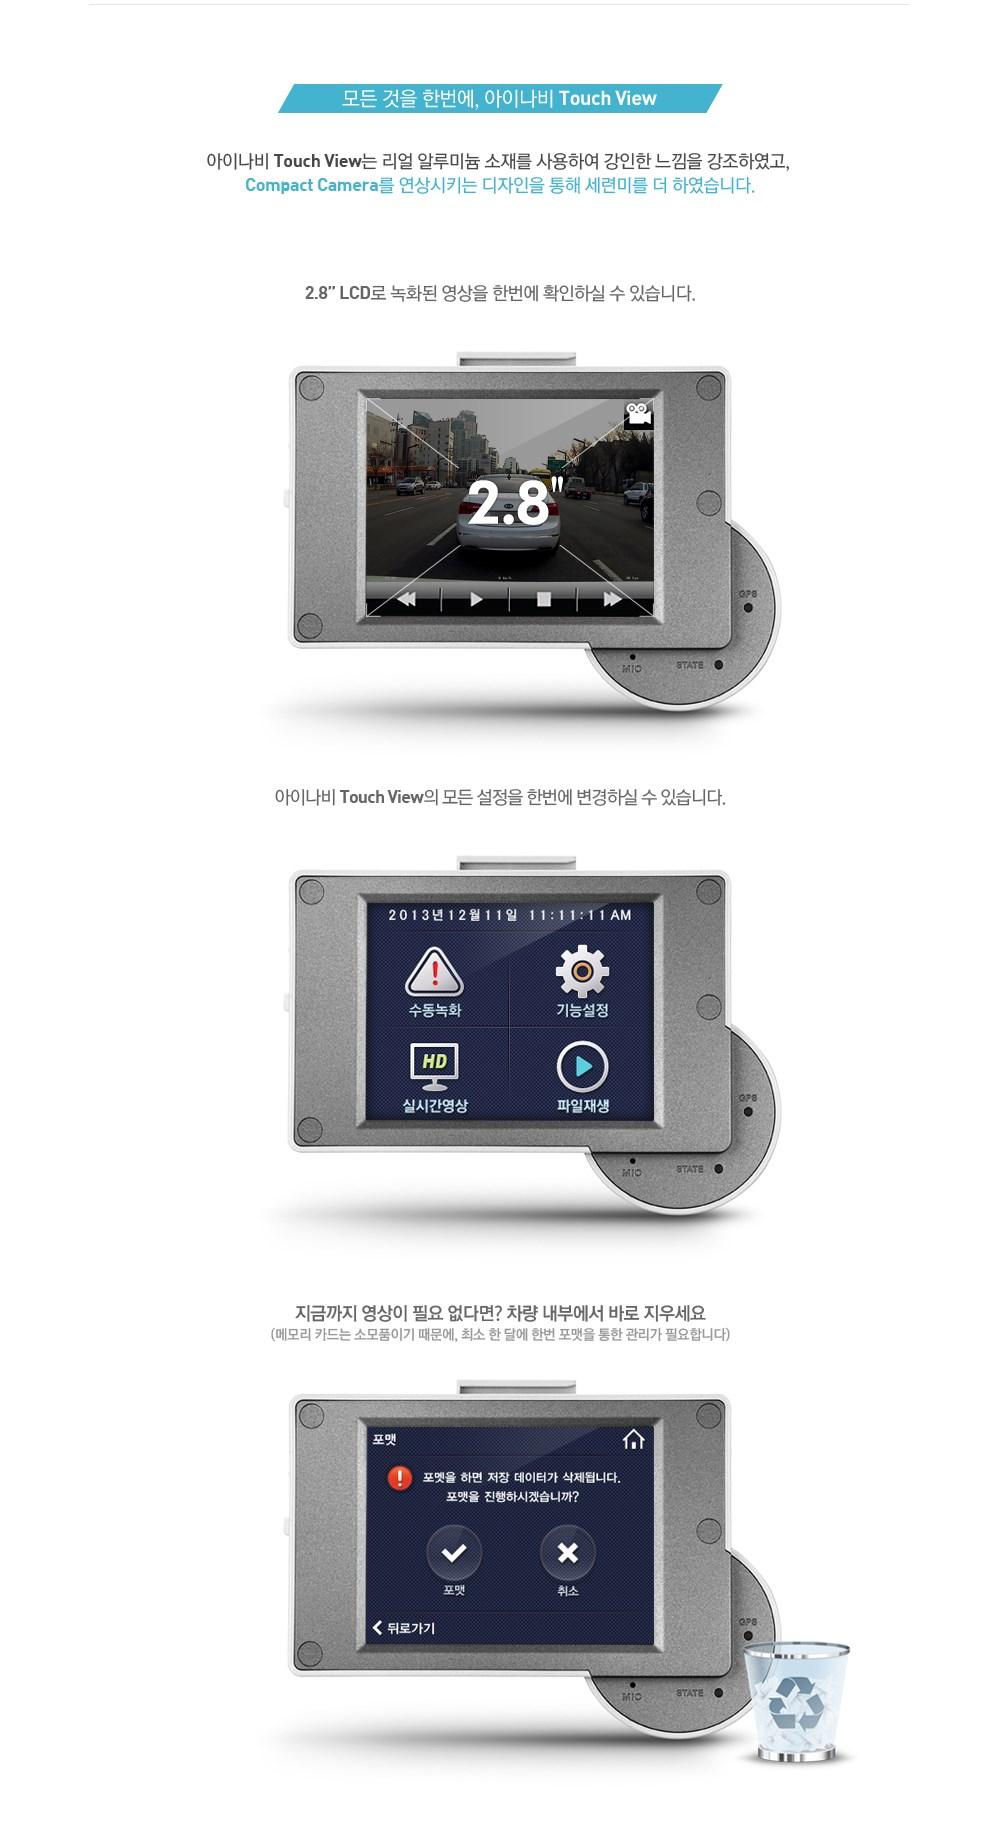 LCD 모니터 및 환경설정 설명